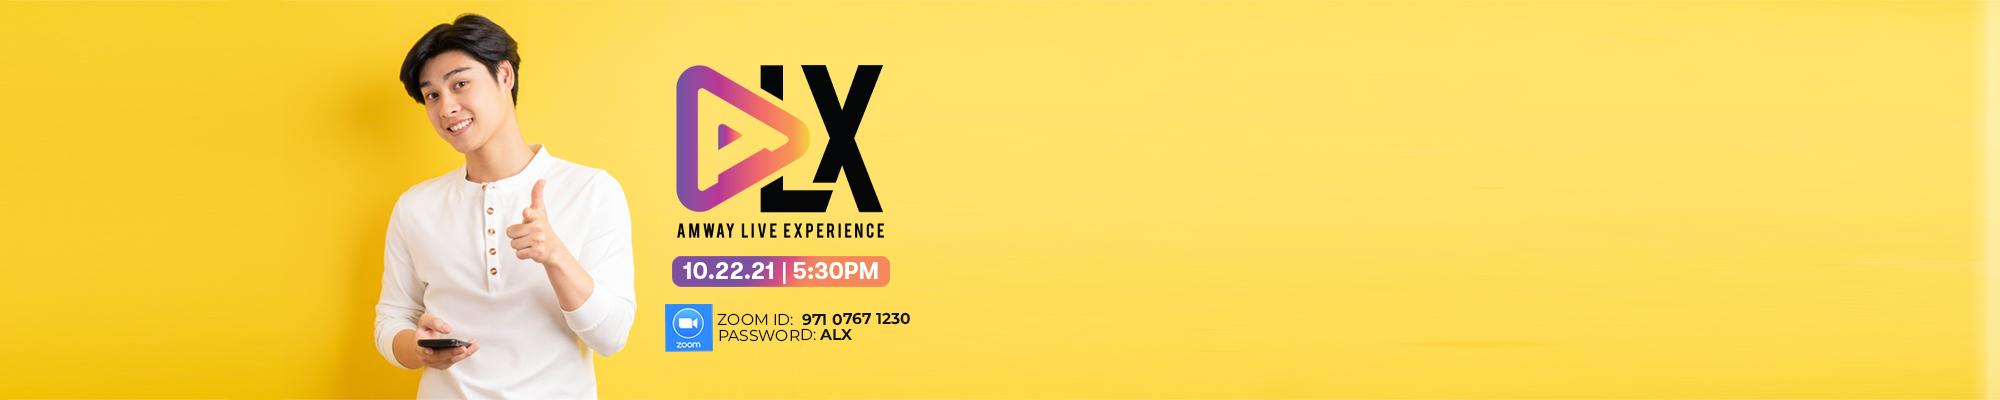 ALX Event Banner-Hybris widescreen_1022.jpg